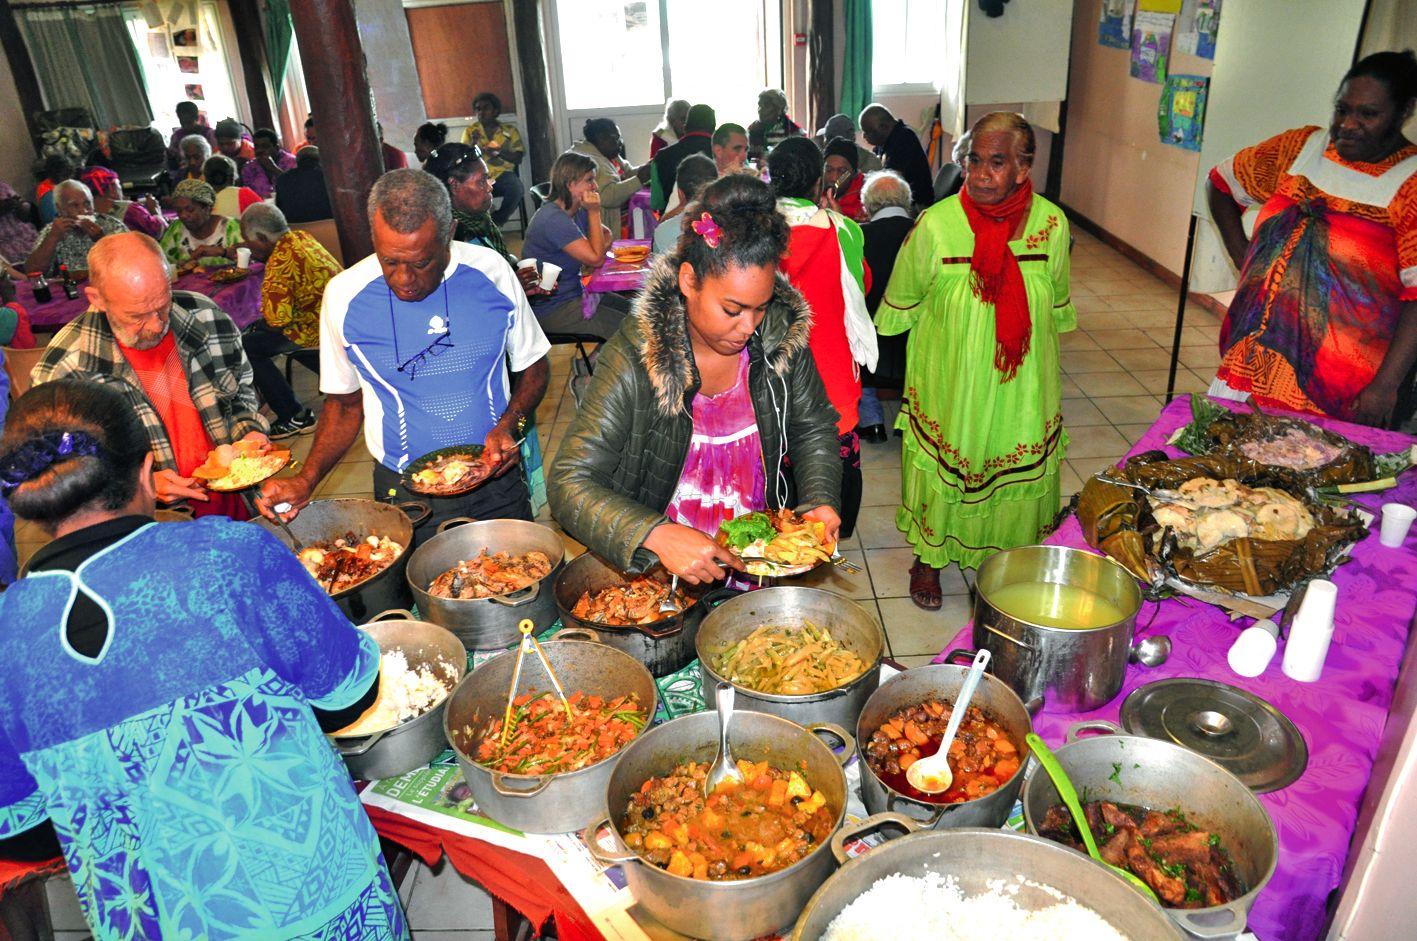 Pendant que se déroulait  un concert offert par le centre culturel, en extérieur,  un grand repas a été proposé par la commune pour clôturer la cérémonie. L'occasion pour tous d'échanger  et de se souvenir.